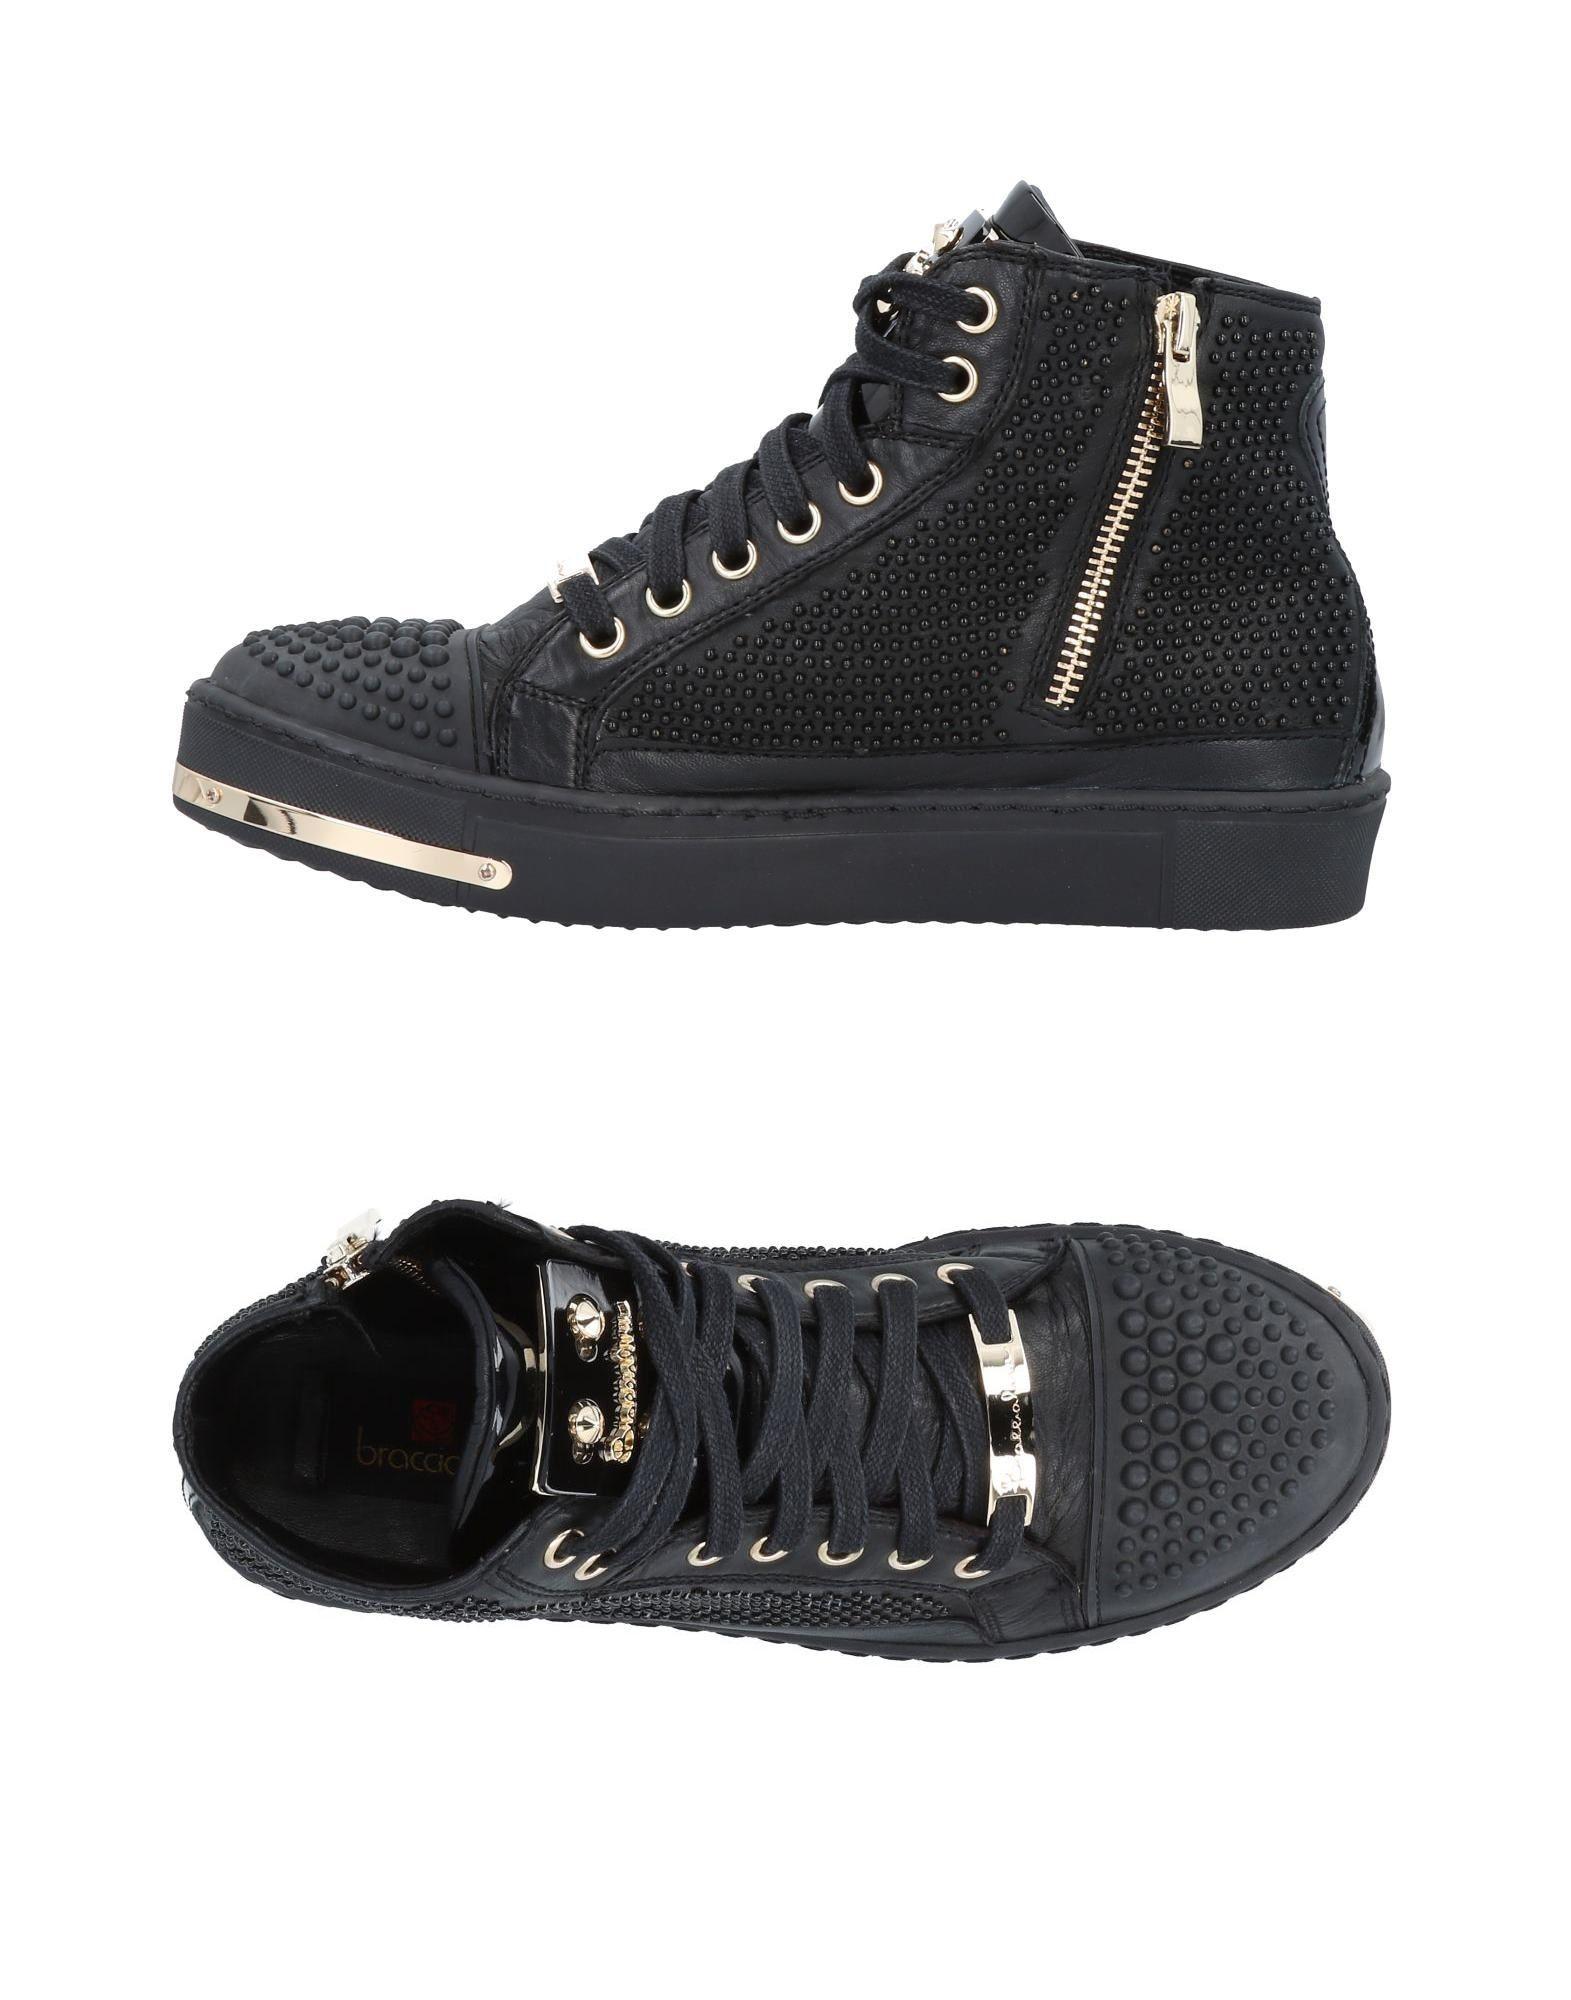 Scarpe economiche e resistenti Sneakers Braccialini Donna - 11064095OD